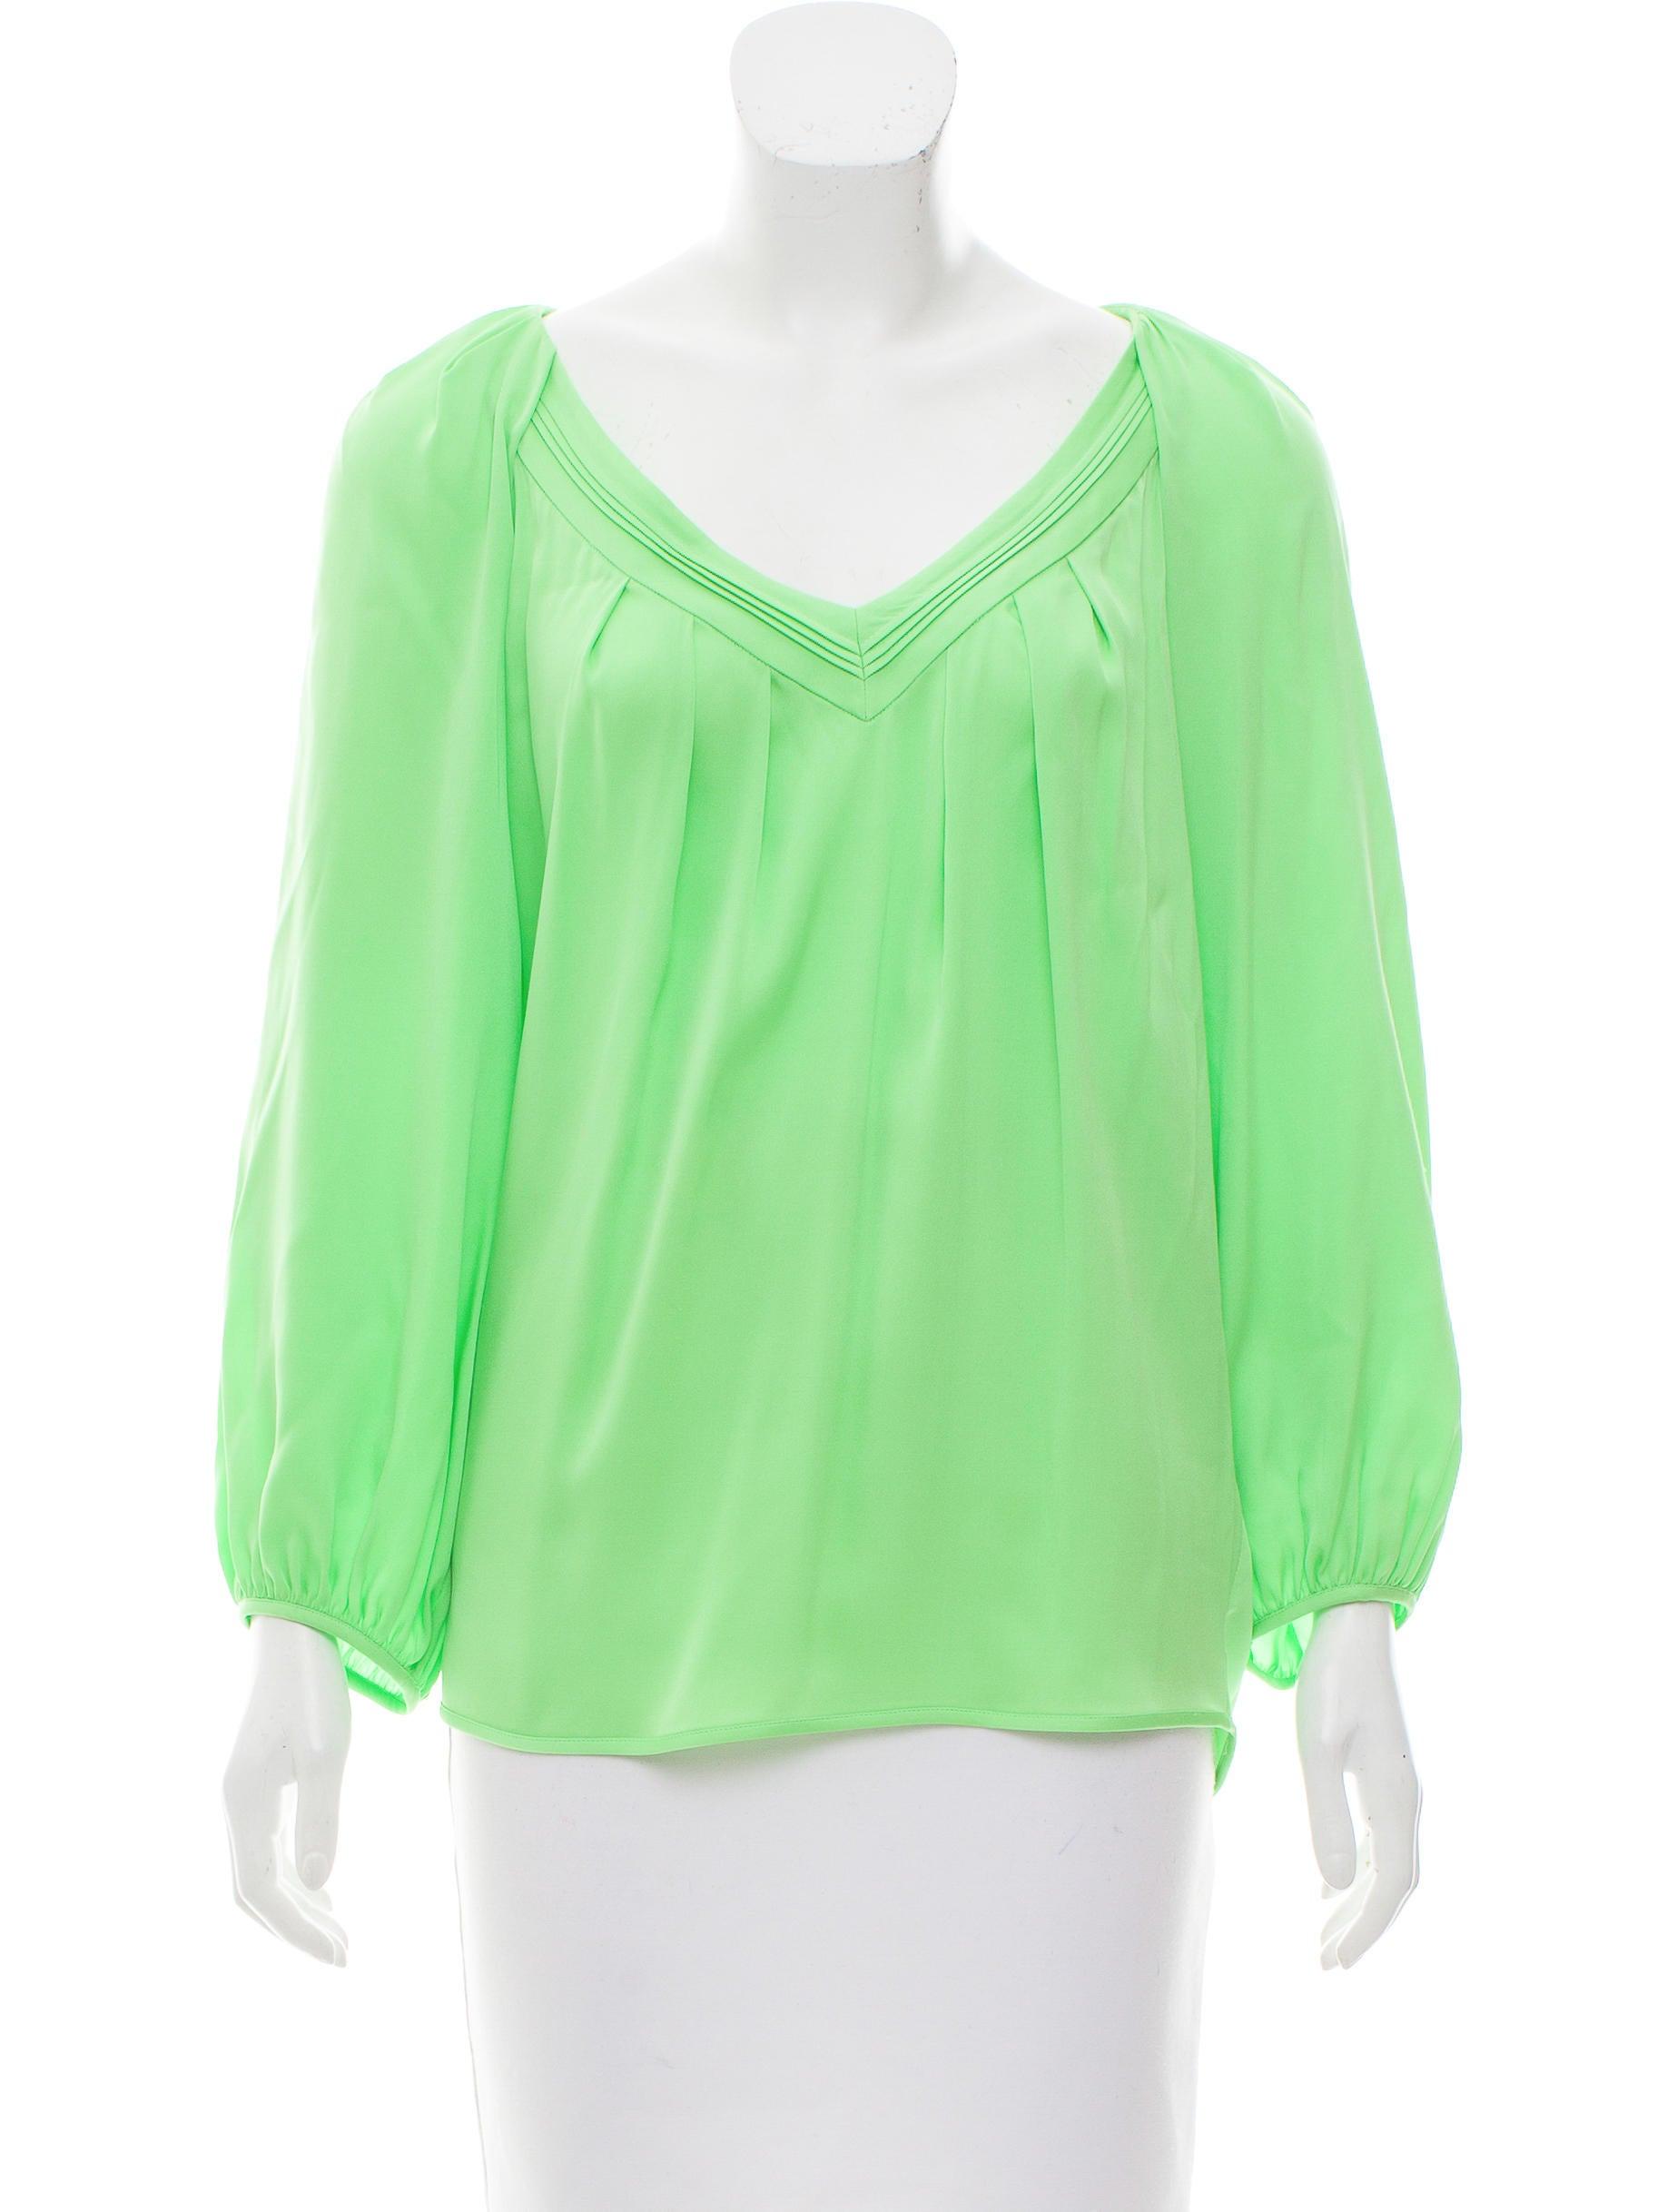 Diane von furstenberg cahil silk blouse clothing for Diane von furstenberg shirt